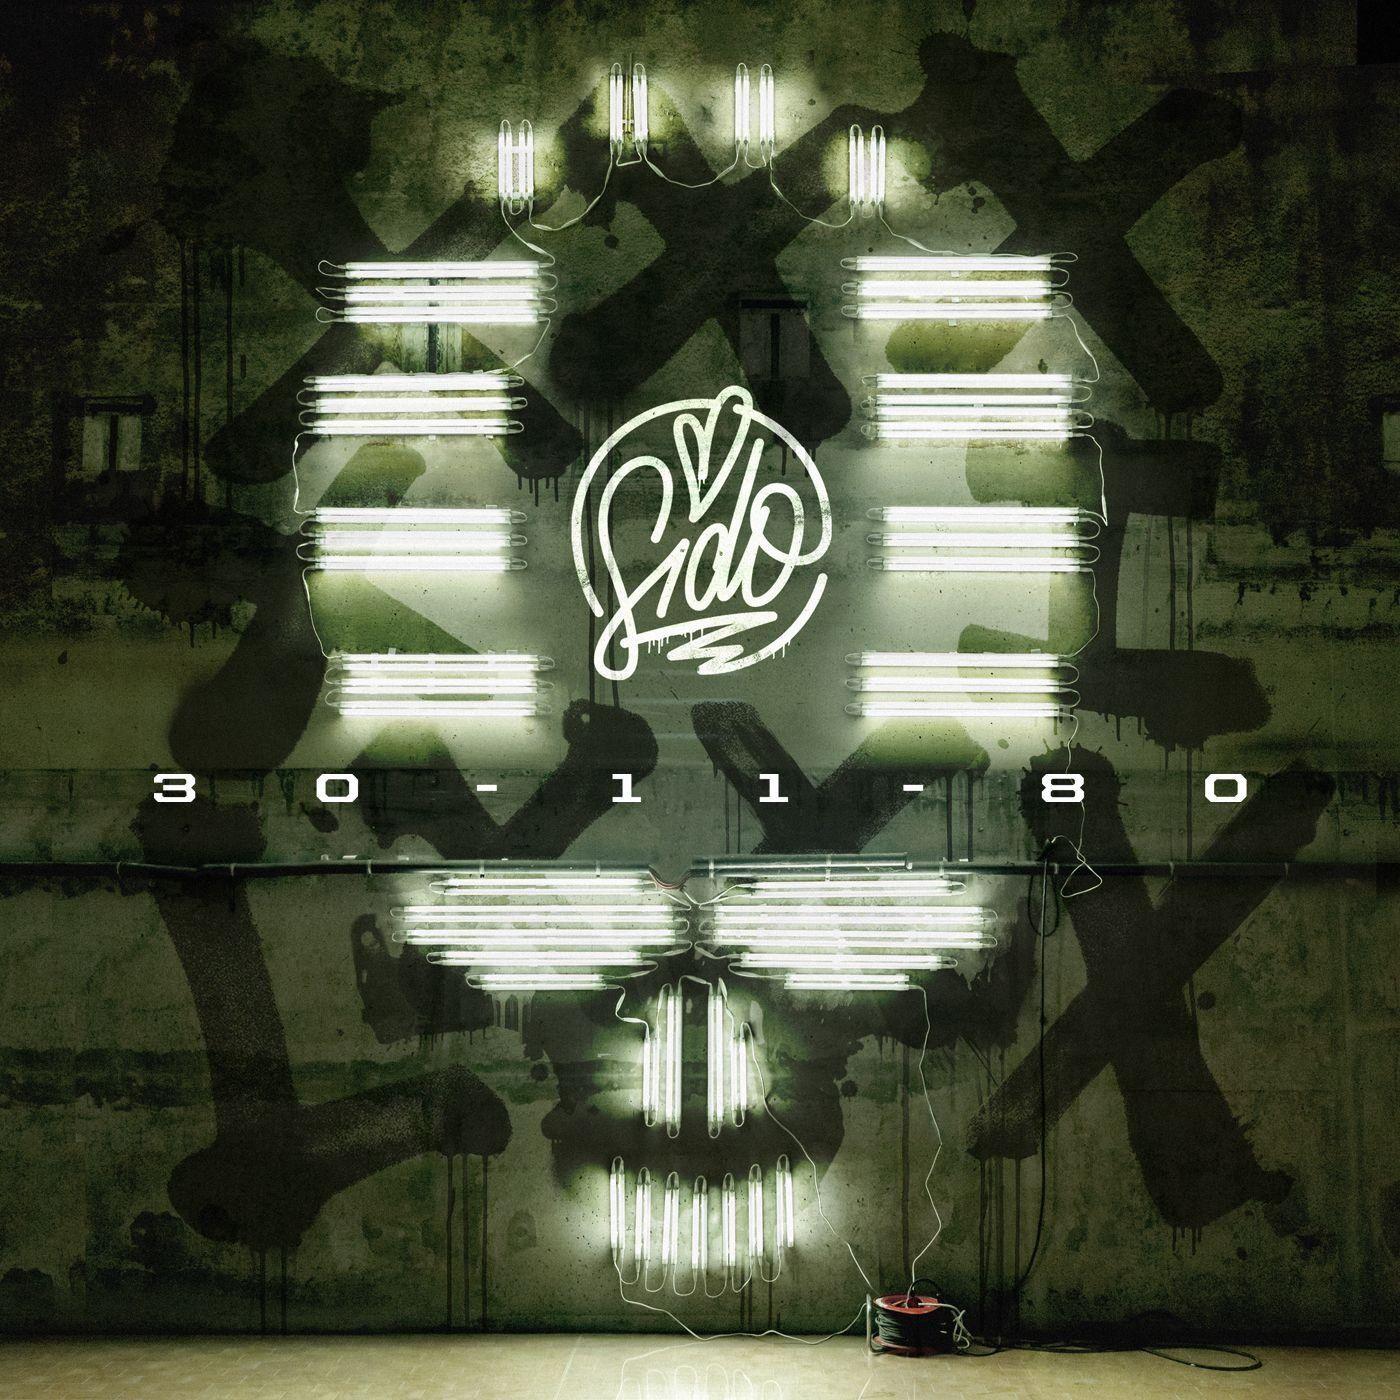 Sido - 30-11-80 album cover